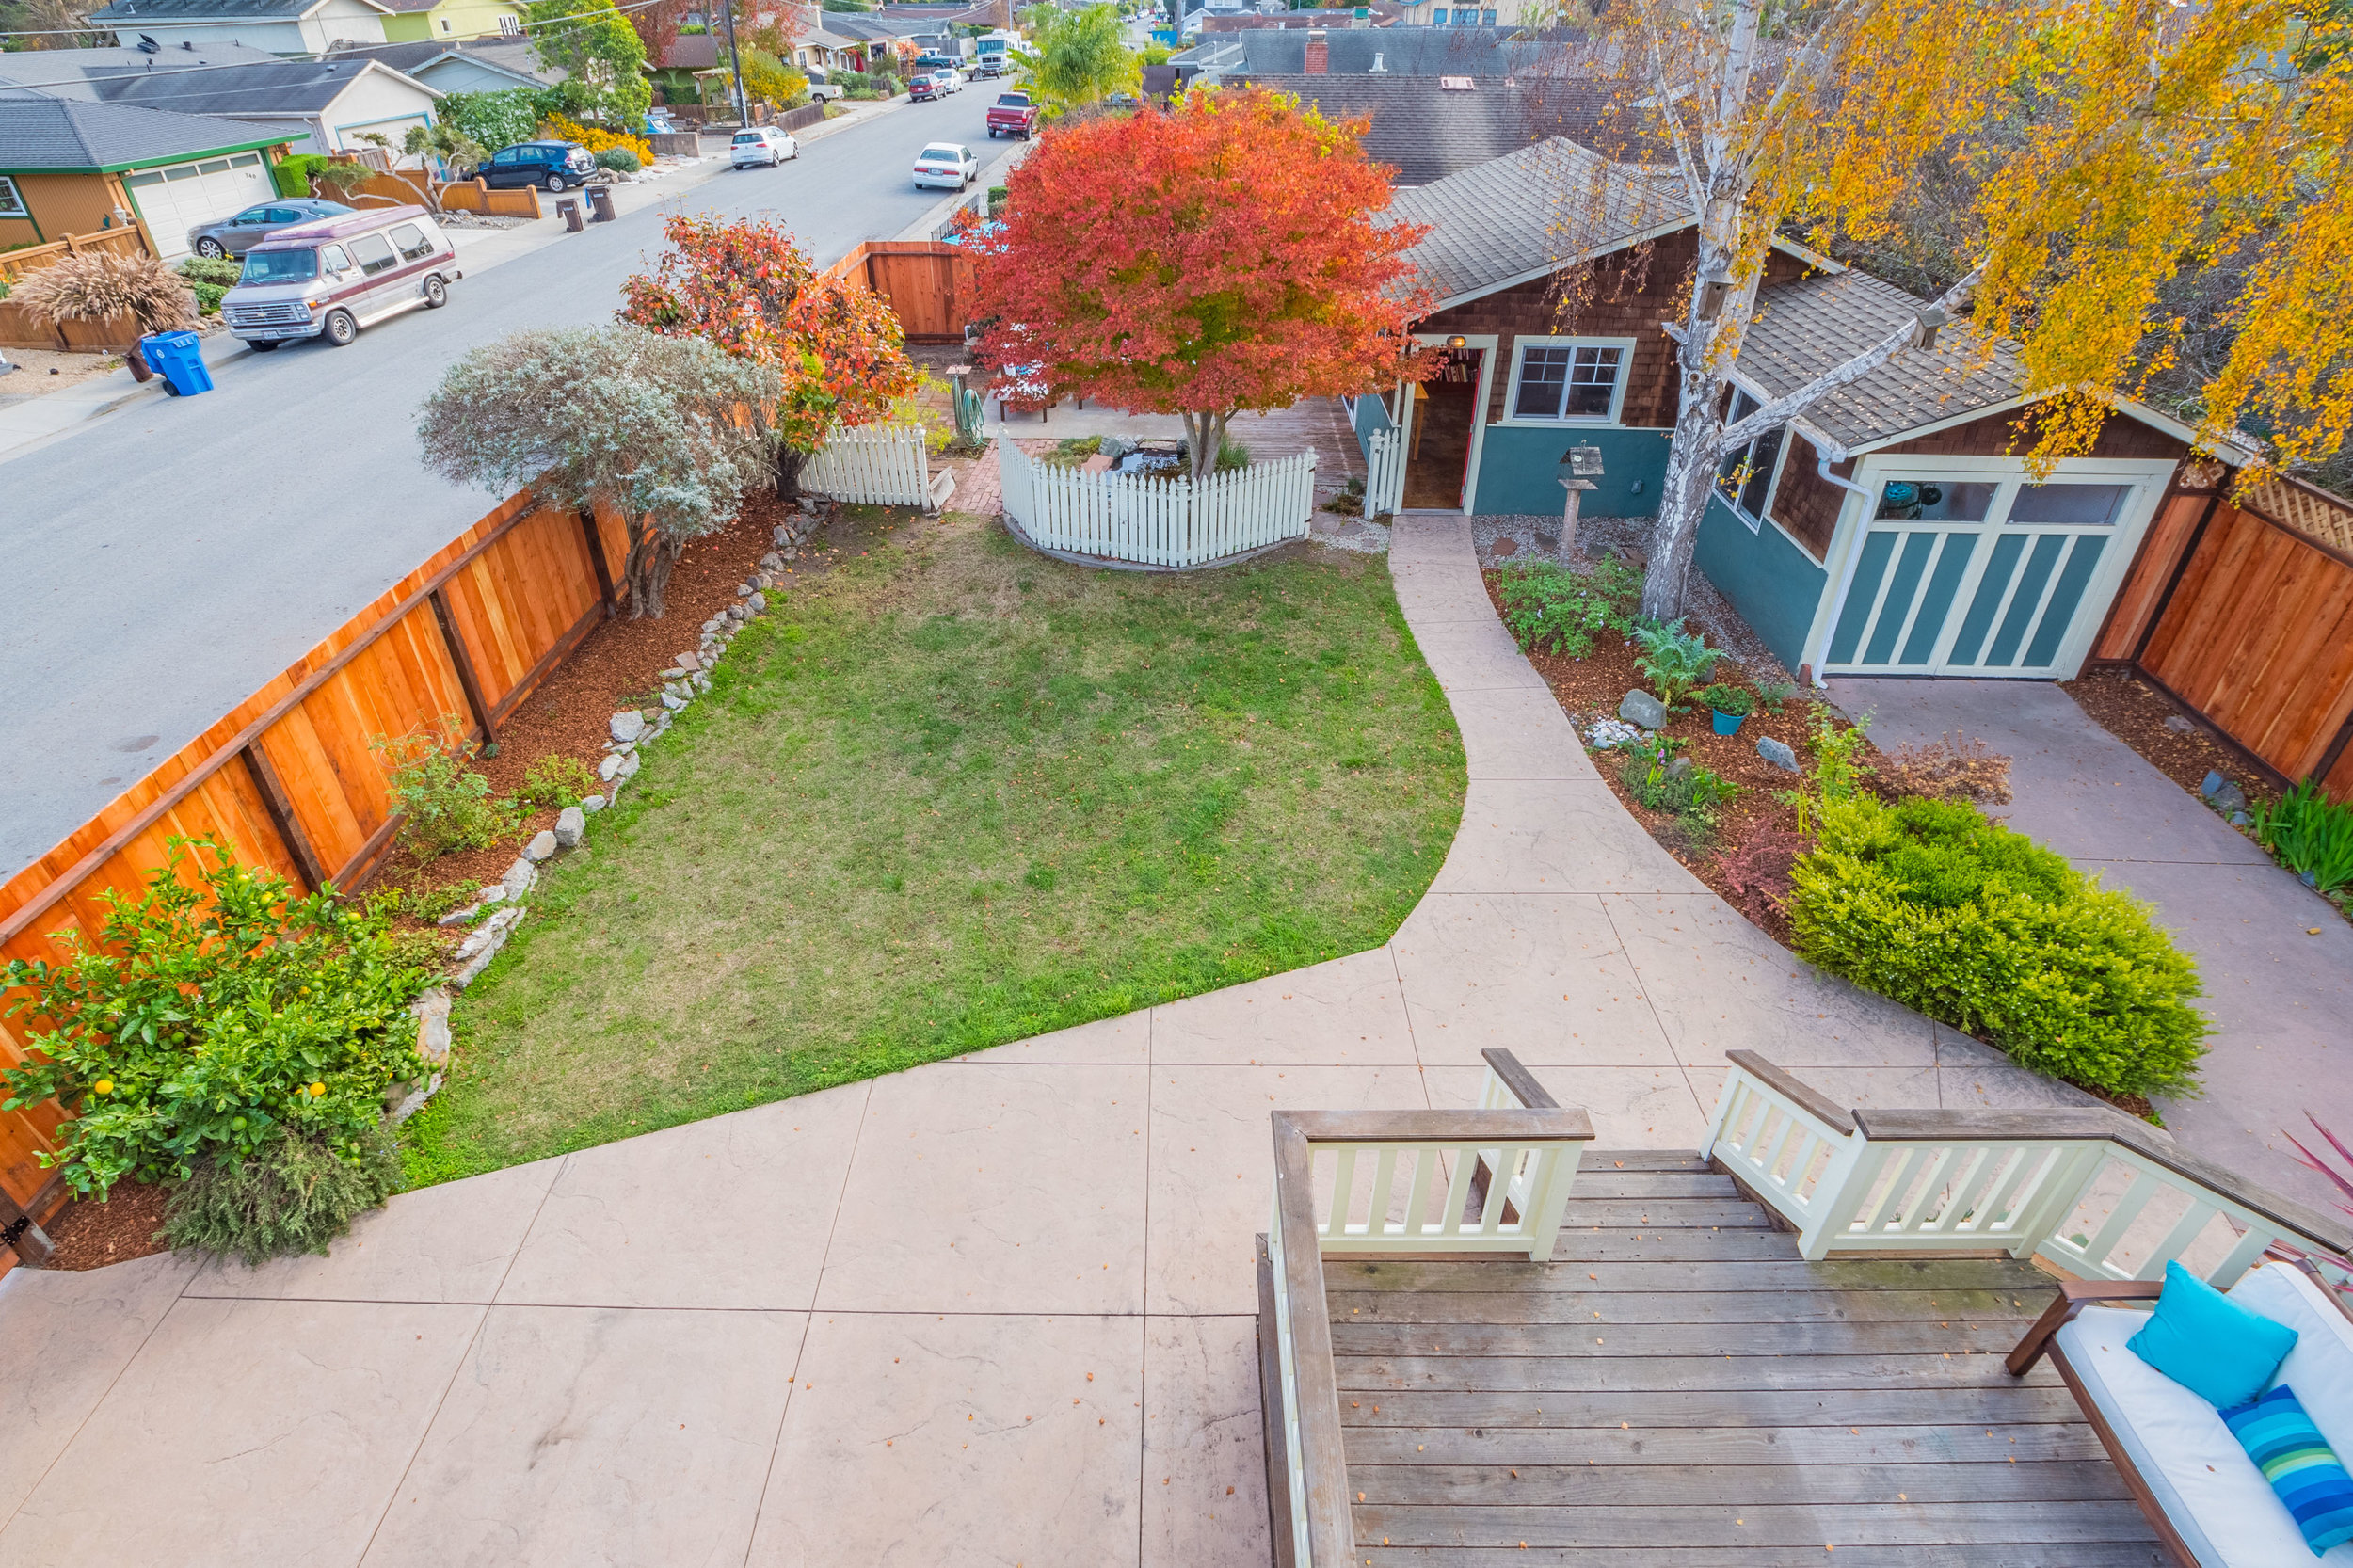 Large Landscaped Yard